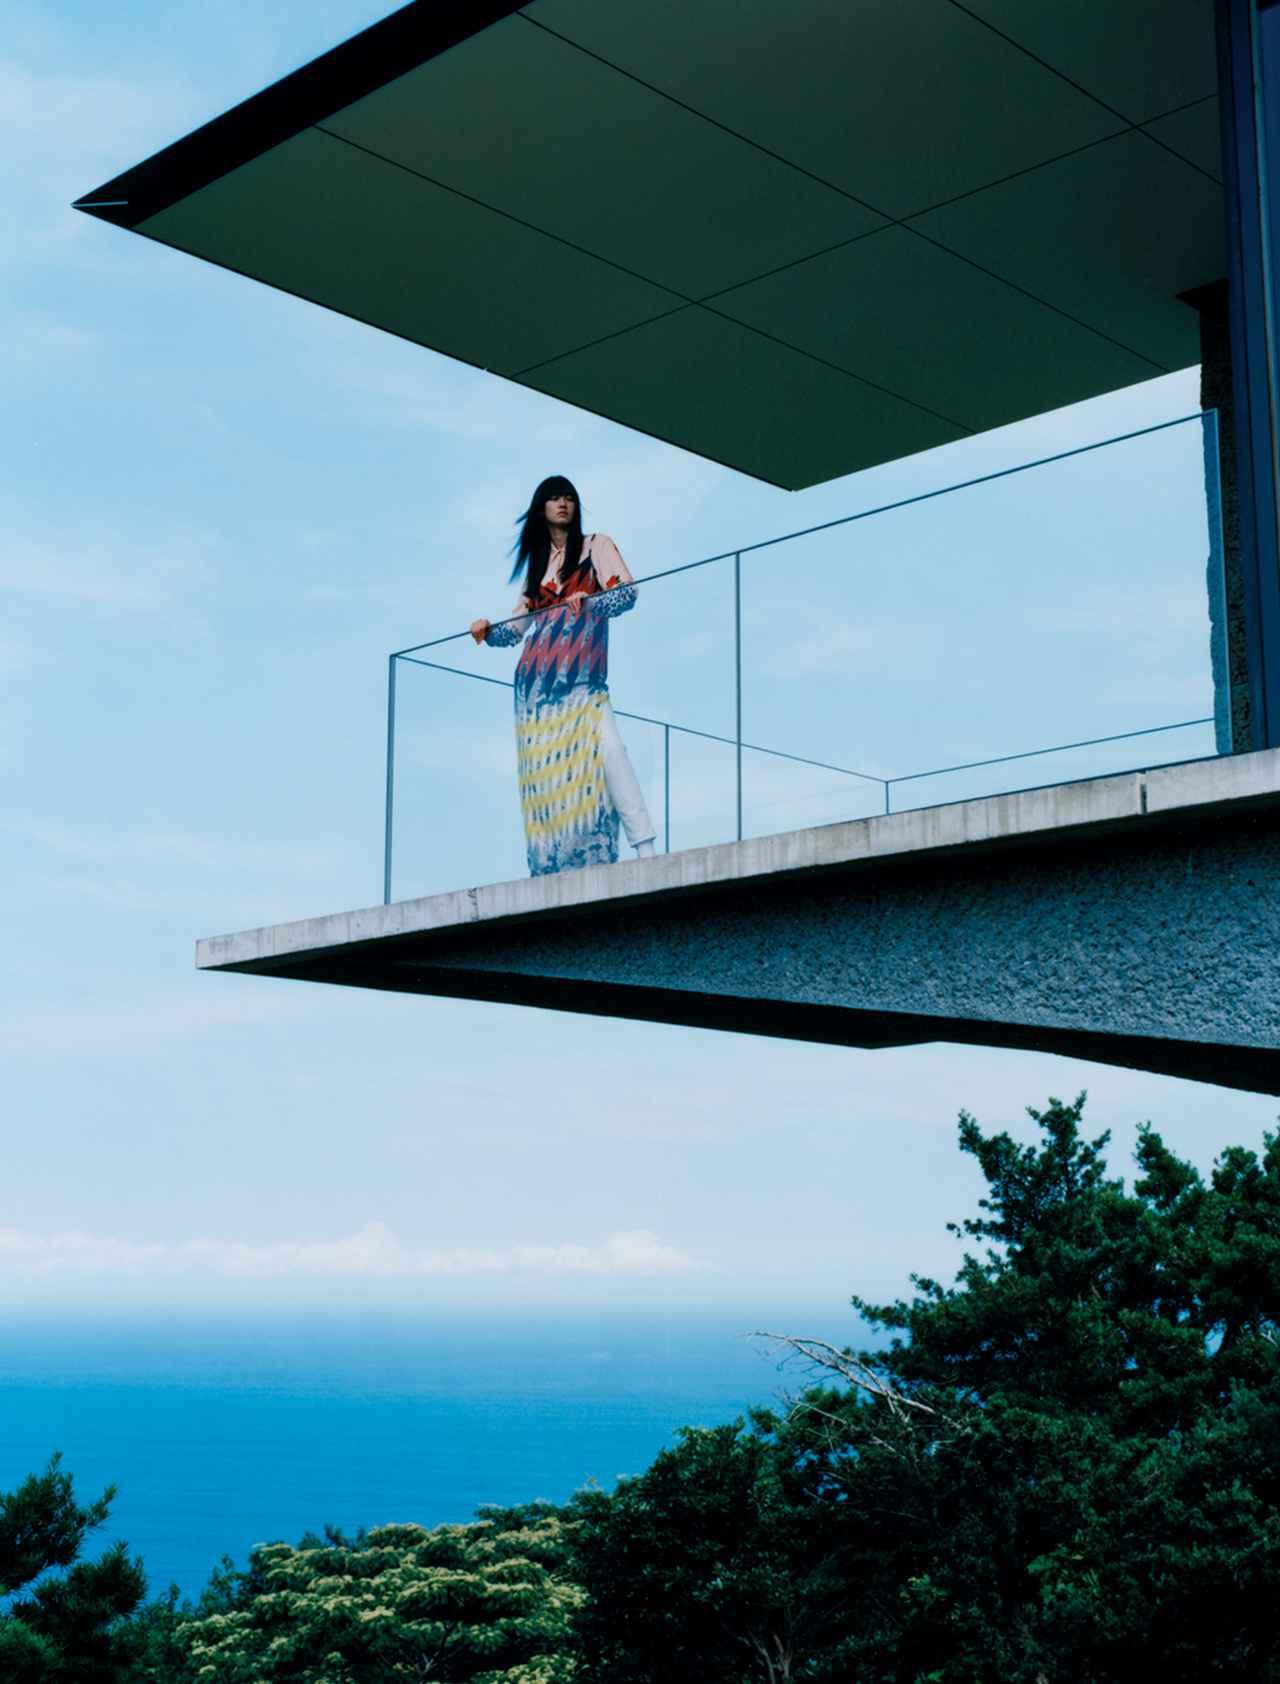 Images : 4番目の画像 - 「時代を超えるファッションと建築」のアルバム - T JAPAN:The New York Times Style Magazine 公式サイト